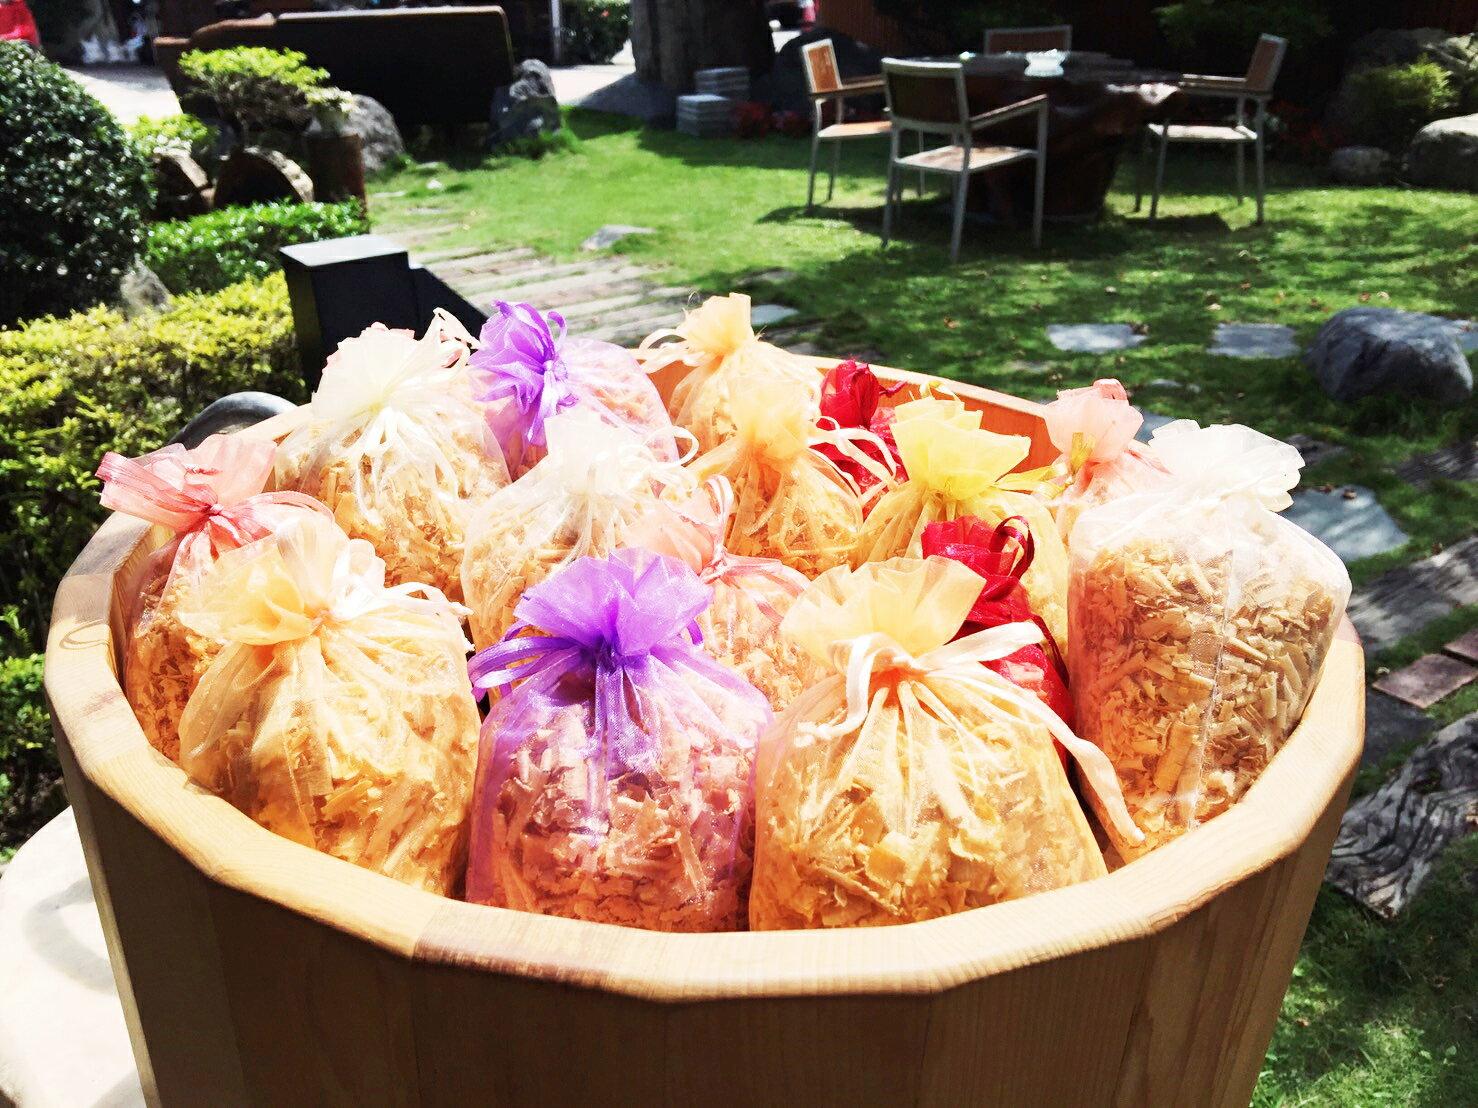 檜木居🌳 台灣檜木聞香包 天然防蚊除濕💨可放衣櫥、室內、綁在電風扇口/冷氣出風口